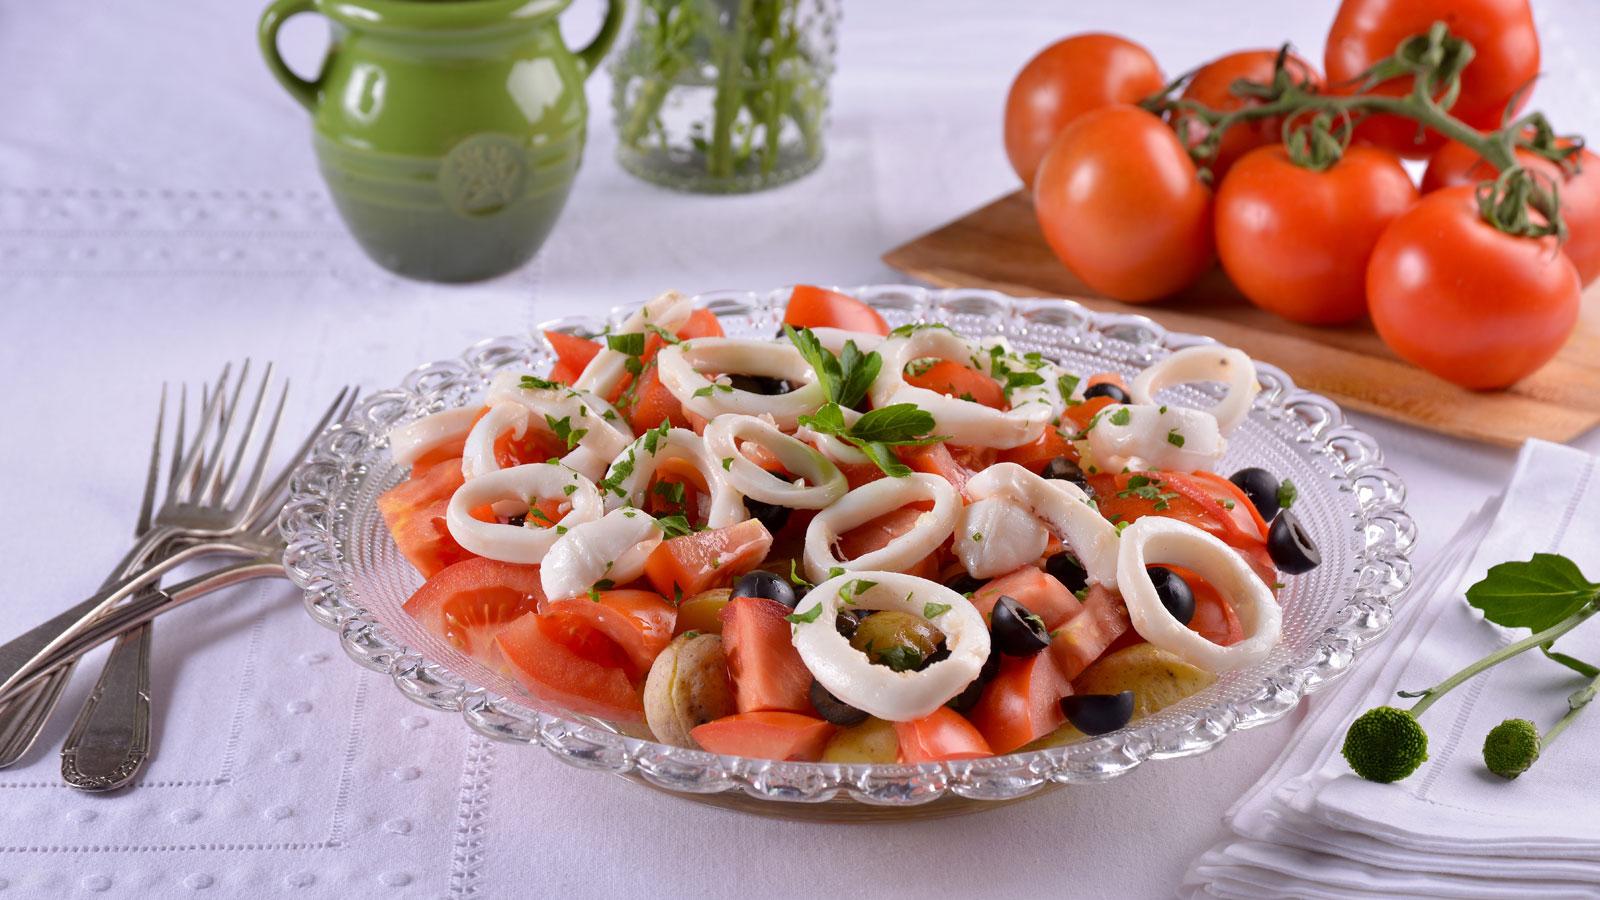 Patatas y calamares a la mediterr nea elena aymerich receta canal cocina - La mediterranea ...